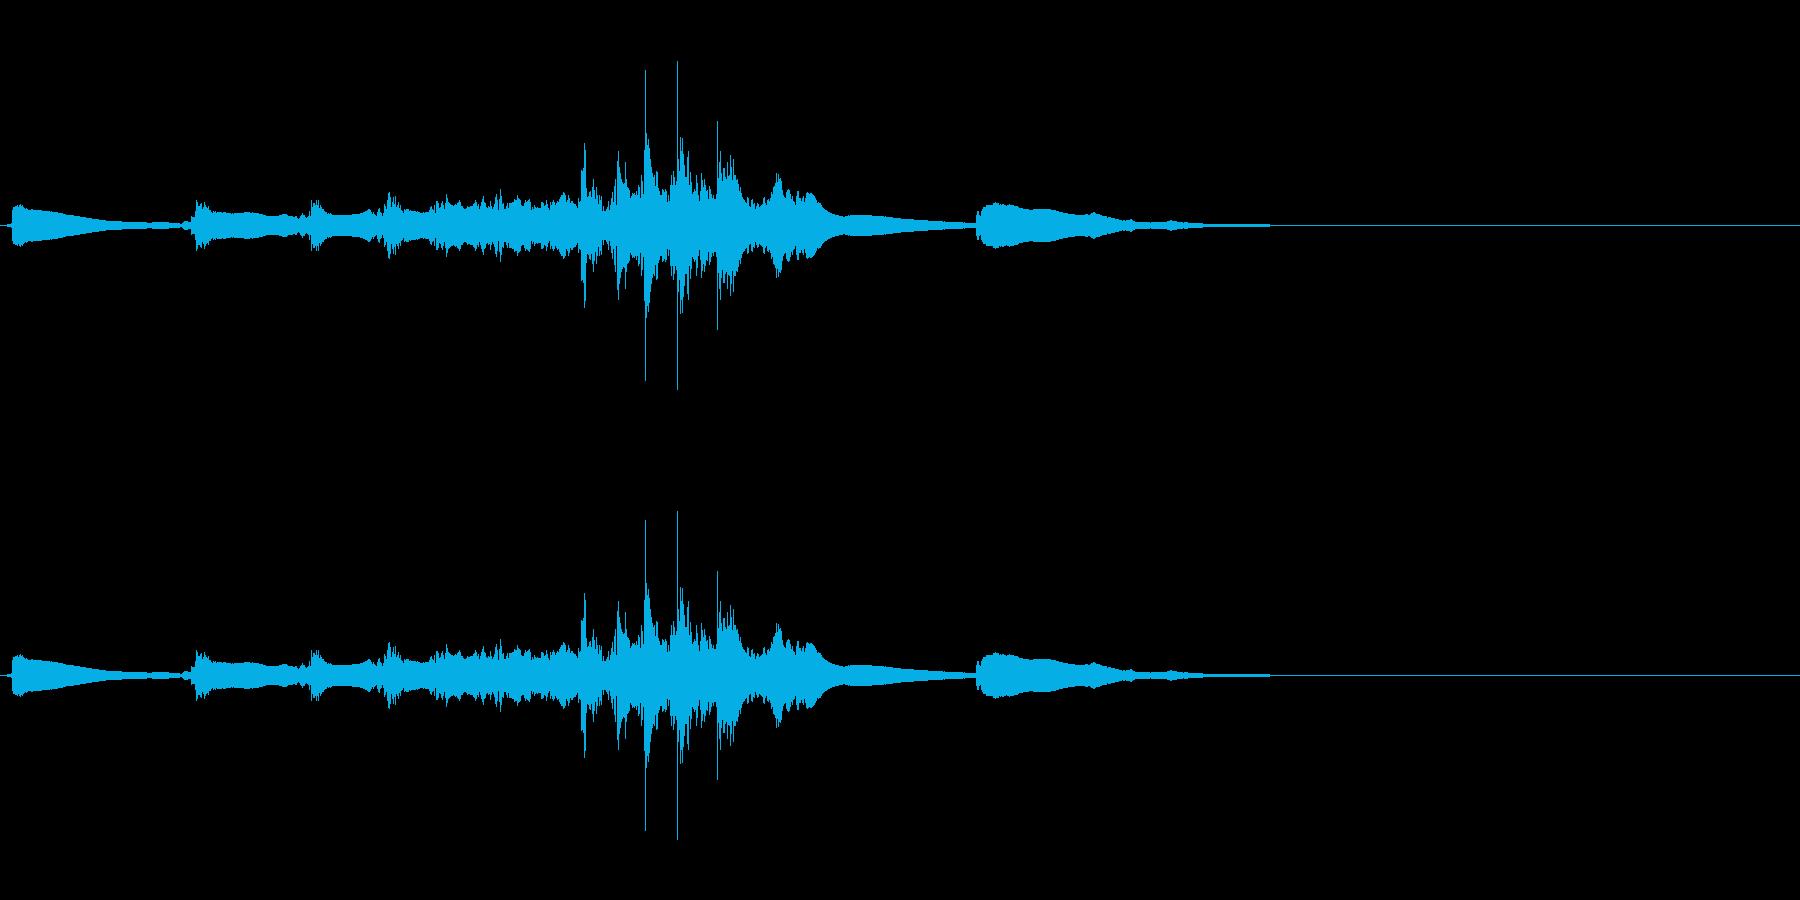 生演奏 琵琶 和風 古典風#7の再生済みの波形